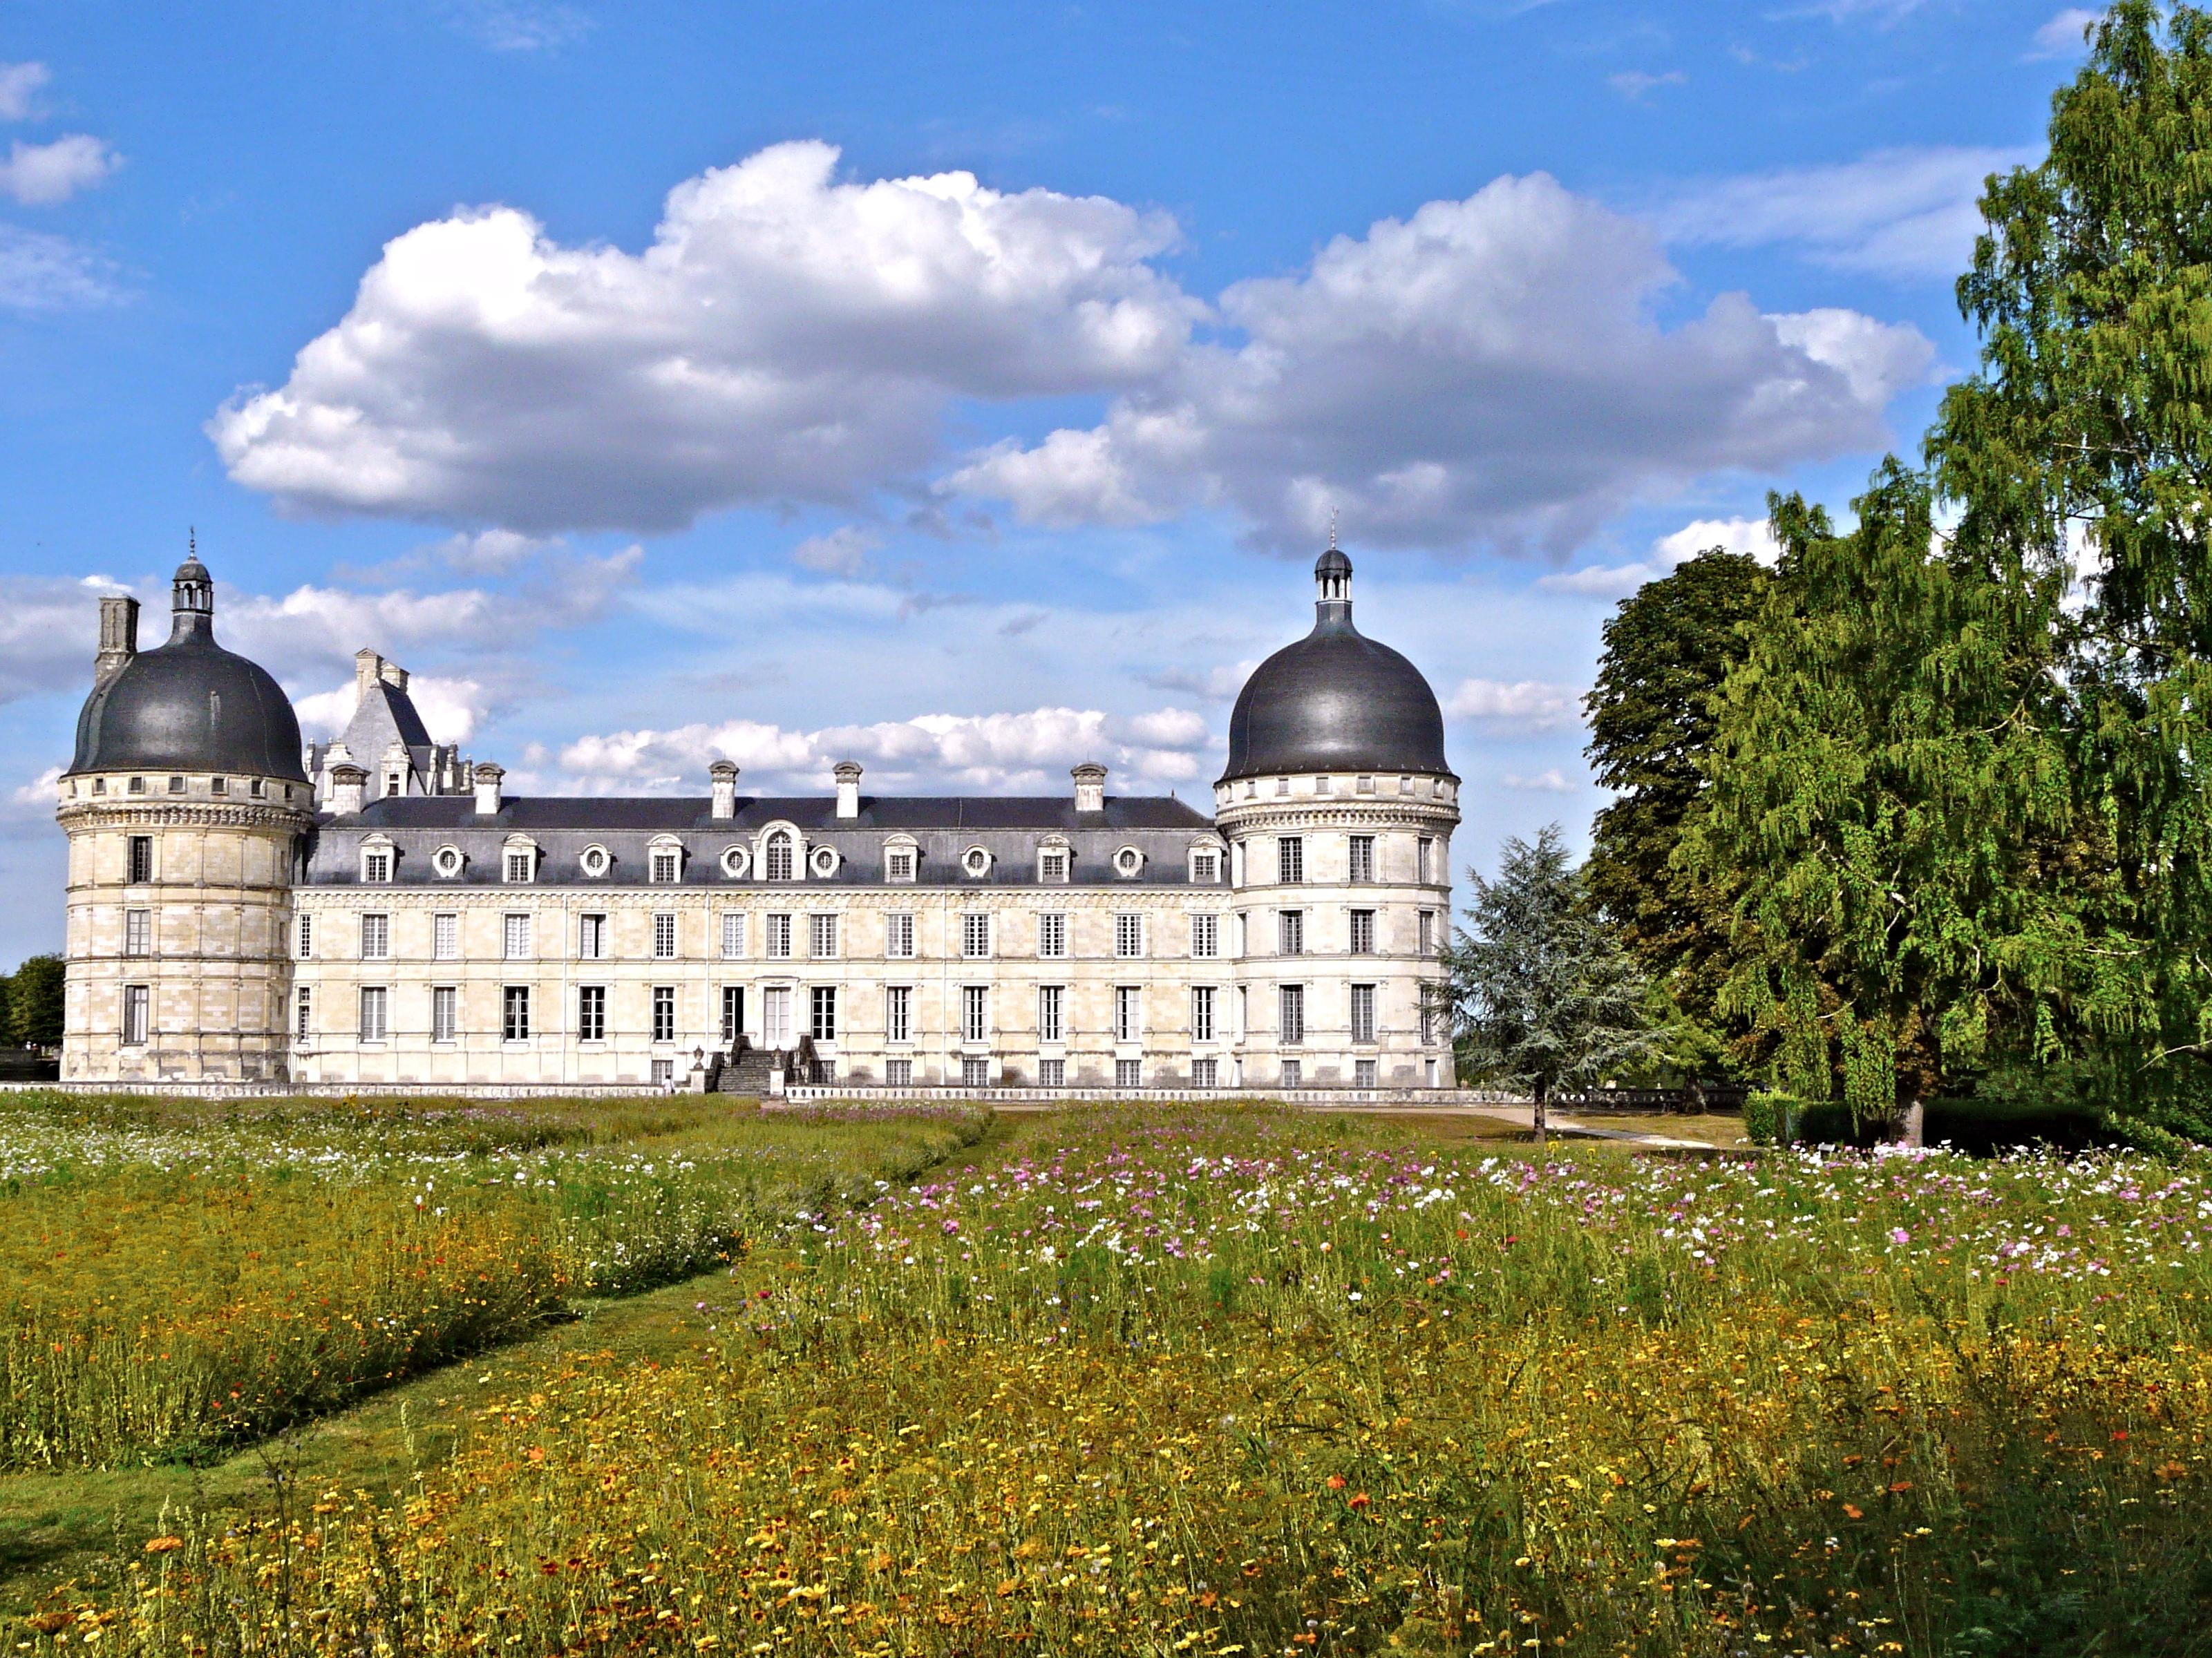 Un Chateau Dans Les Nuages elevation of 1 route de levroux, bouges-le-château, france